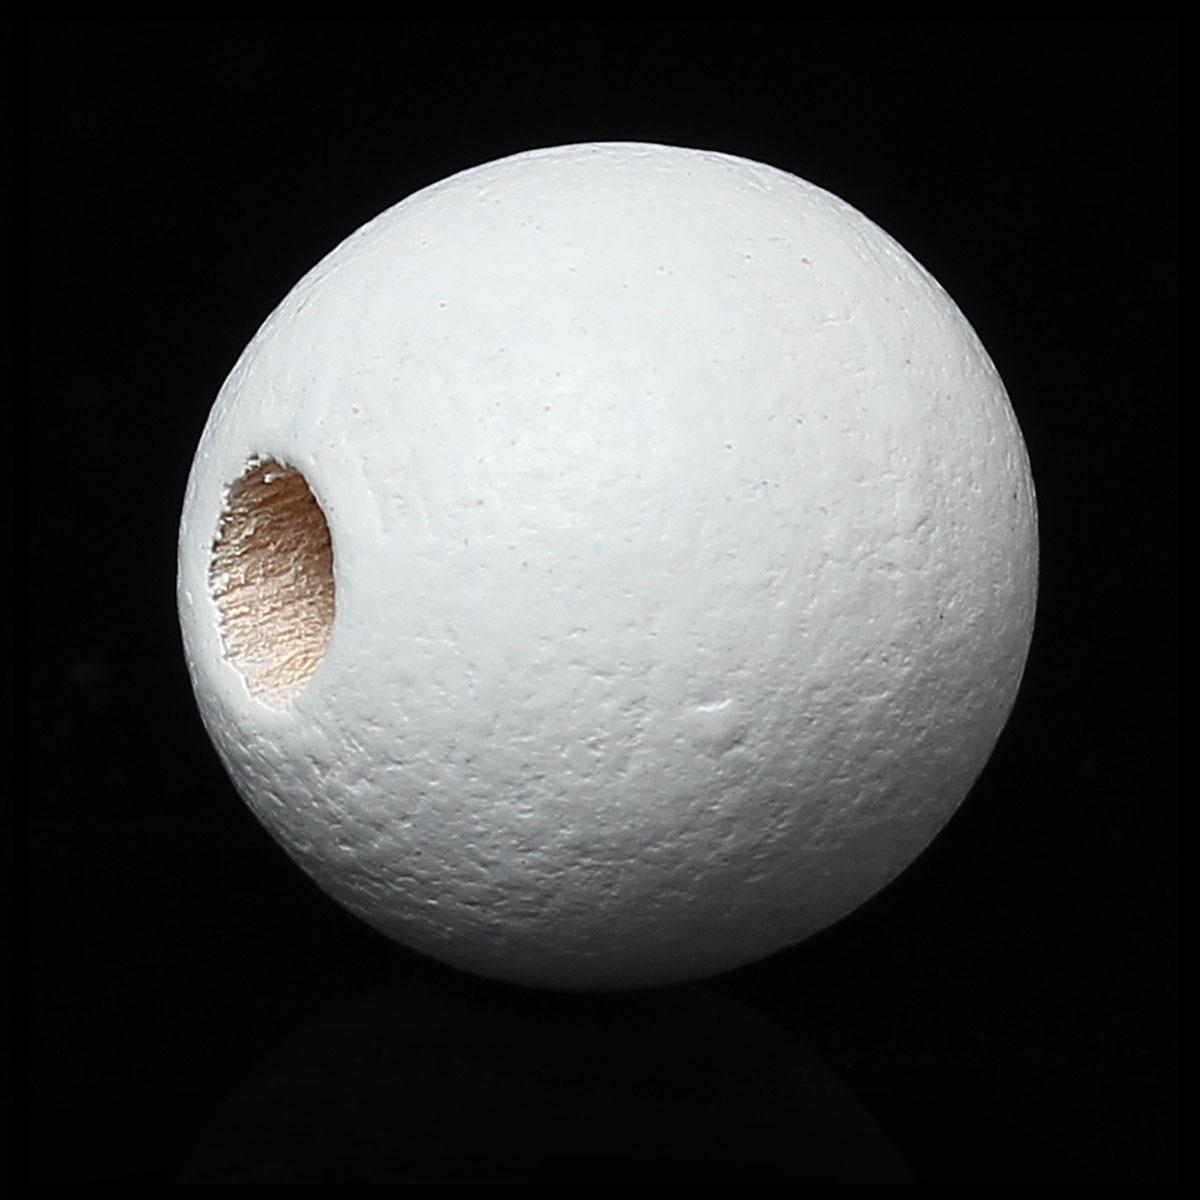 40 Stücke 2016 Neue 2,2mm-3mm Loch: Ca Doreenbeads Heißer Verkauf Schmuck Diy Holz Spacer Perlen Runde Weiß Über 10,0mm 3/8 Durchmesser